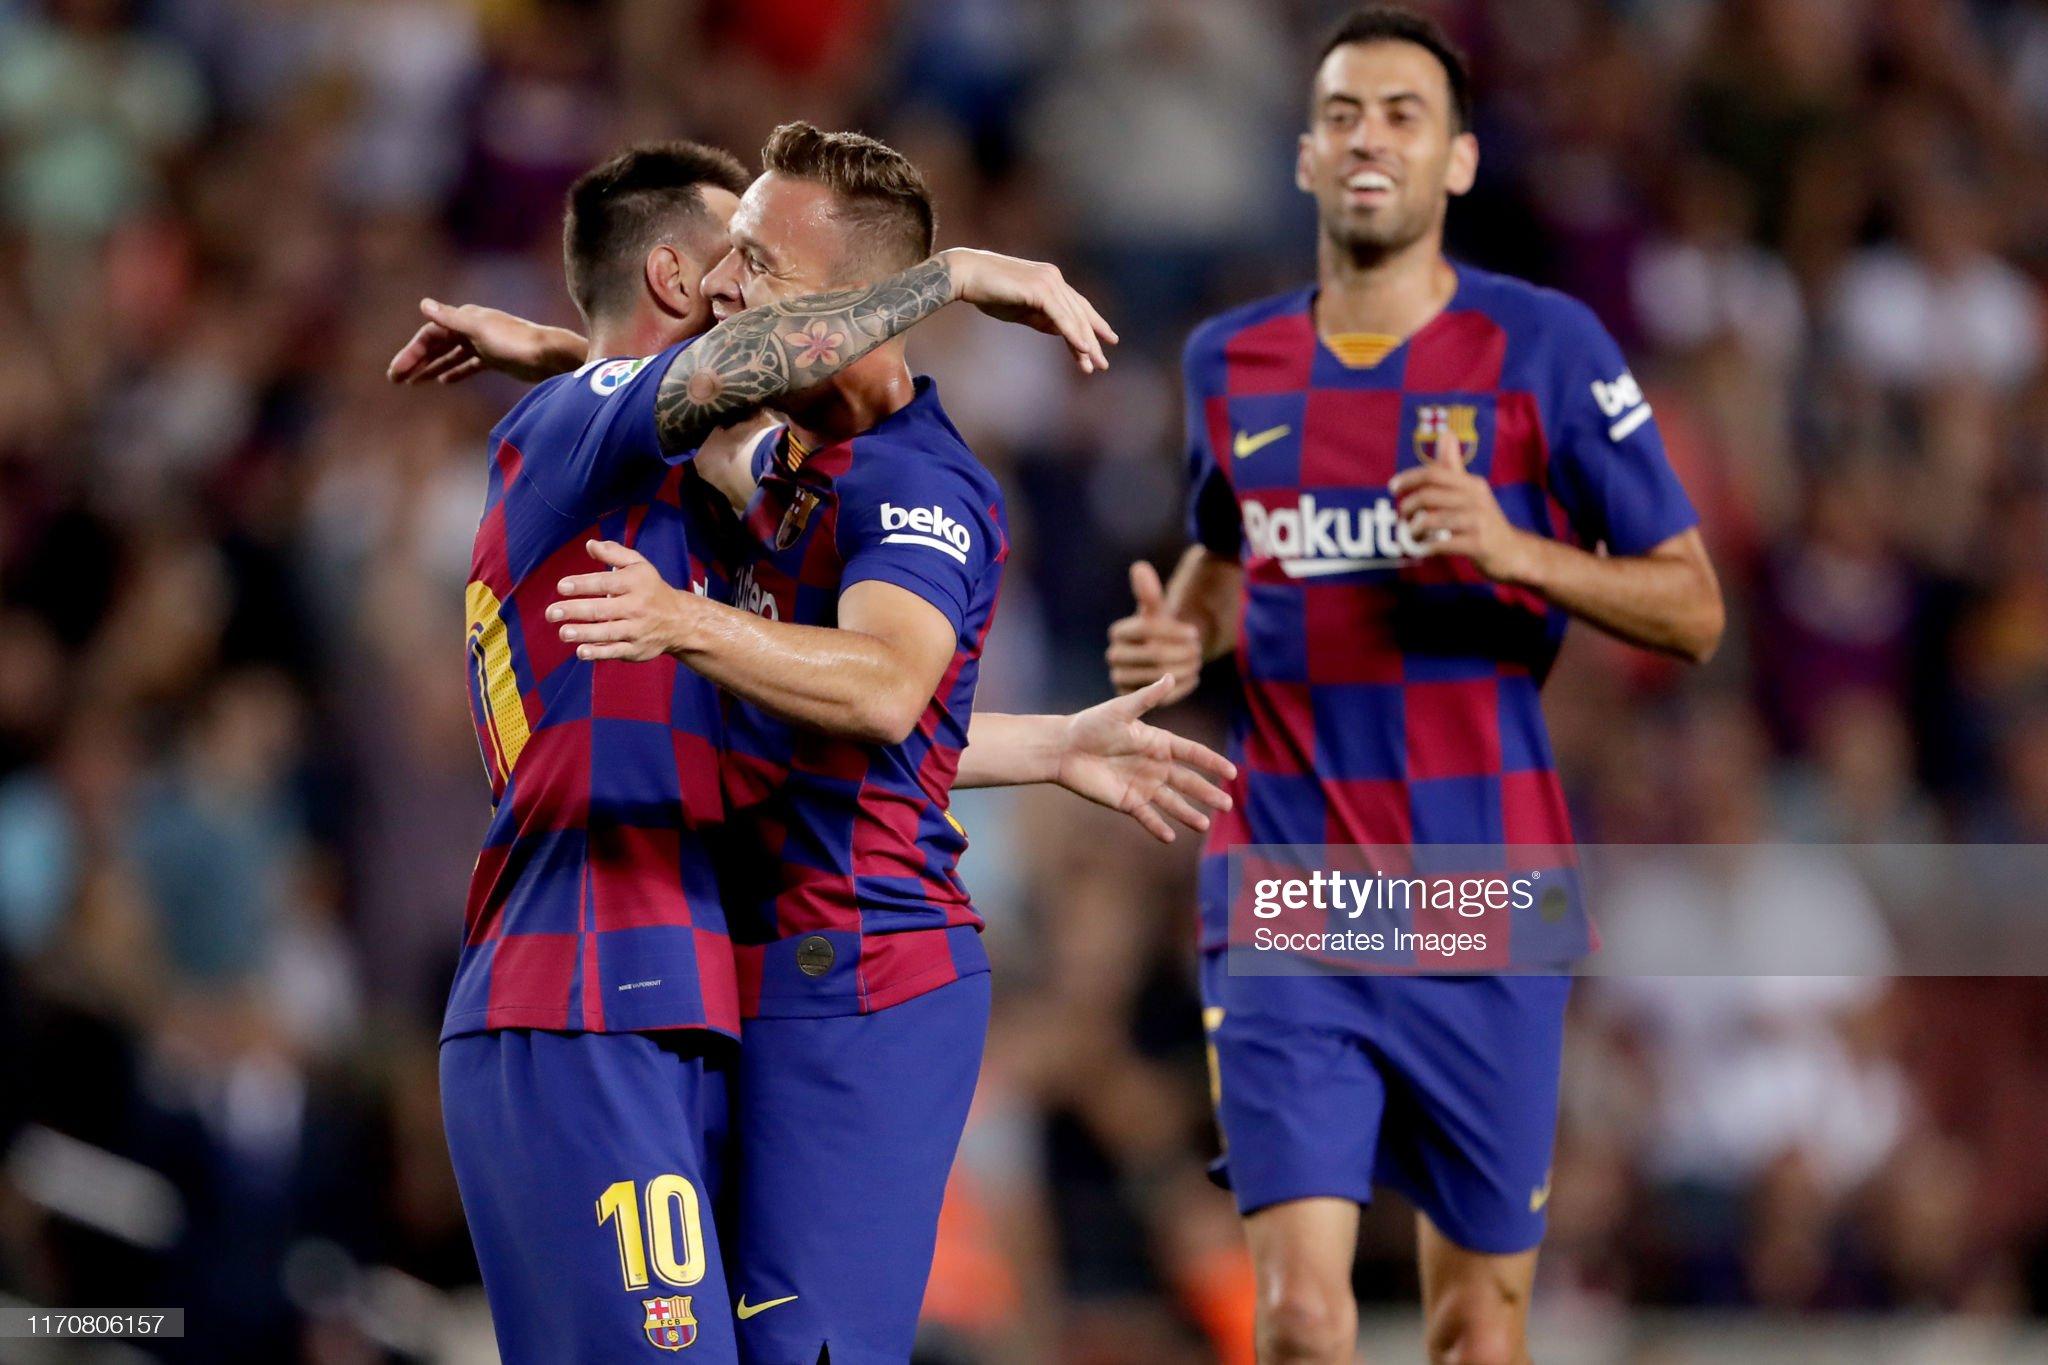 صور مباراة : برشلونة - فياريال 2-1 ( 24-09-2019 )  Lionel-messi-of-fc-barcelona-arthur-of-fc-barcelona-sergio-busquets-picture-id1170806157?s=2048x2048